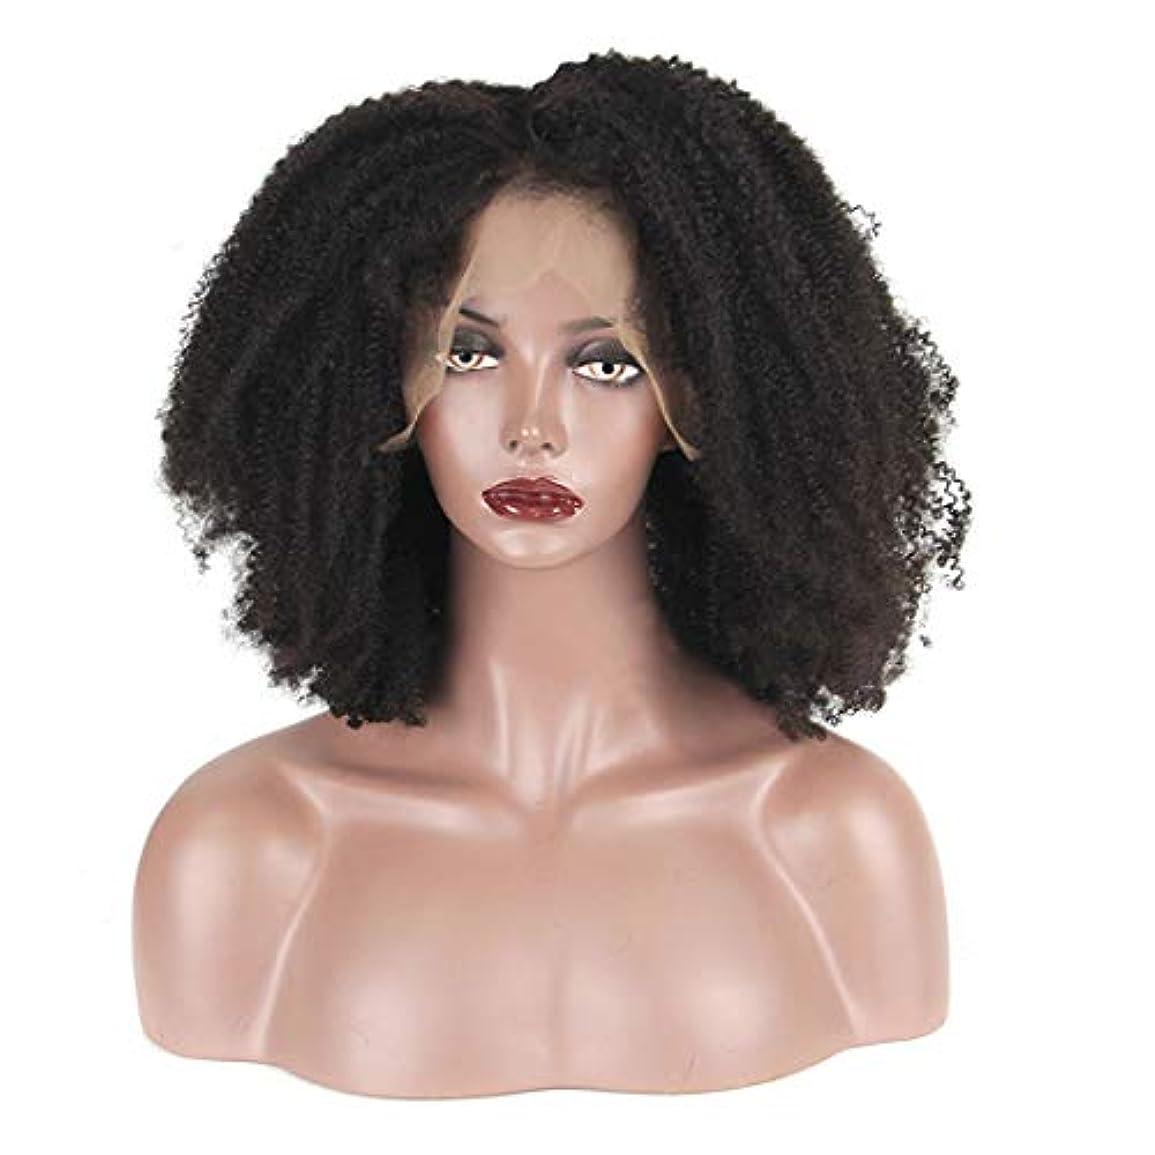 赤外線更新する環境YOUQIU ブラックウィッグ女性フロントレースの化学繊維の爆発頭小ロールショートカーリーヘアウィッグセットウィッグ (色 : 黒)